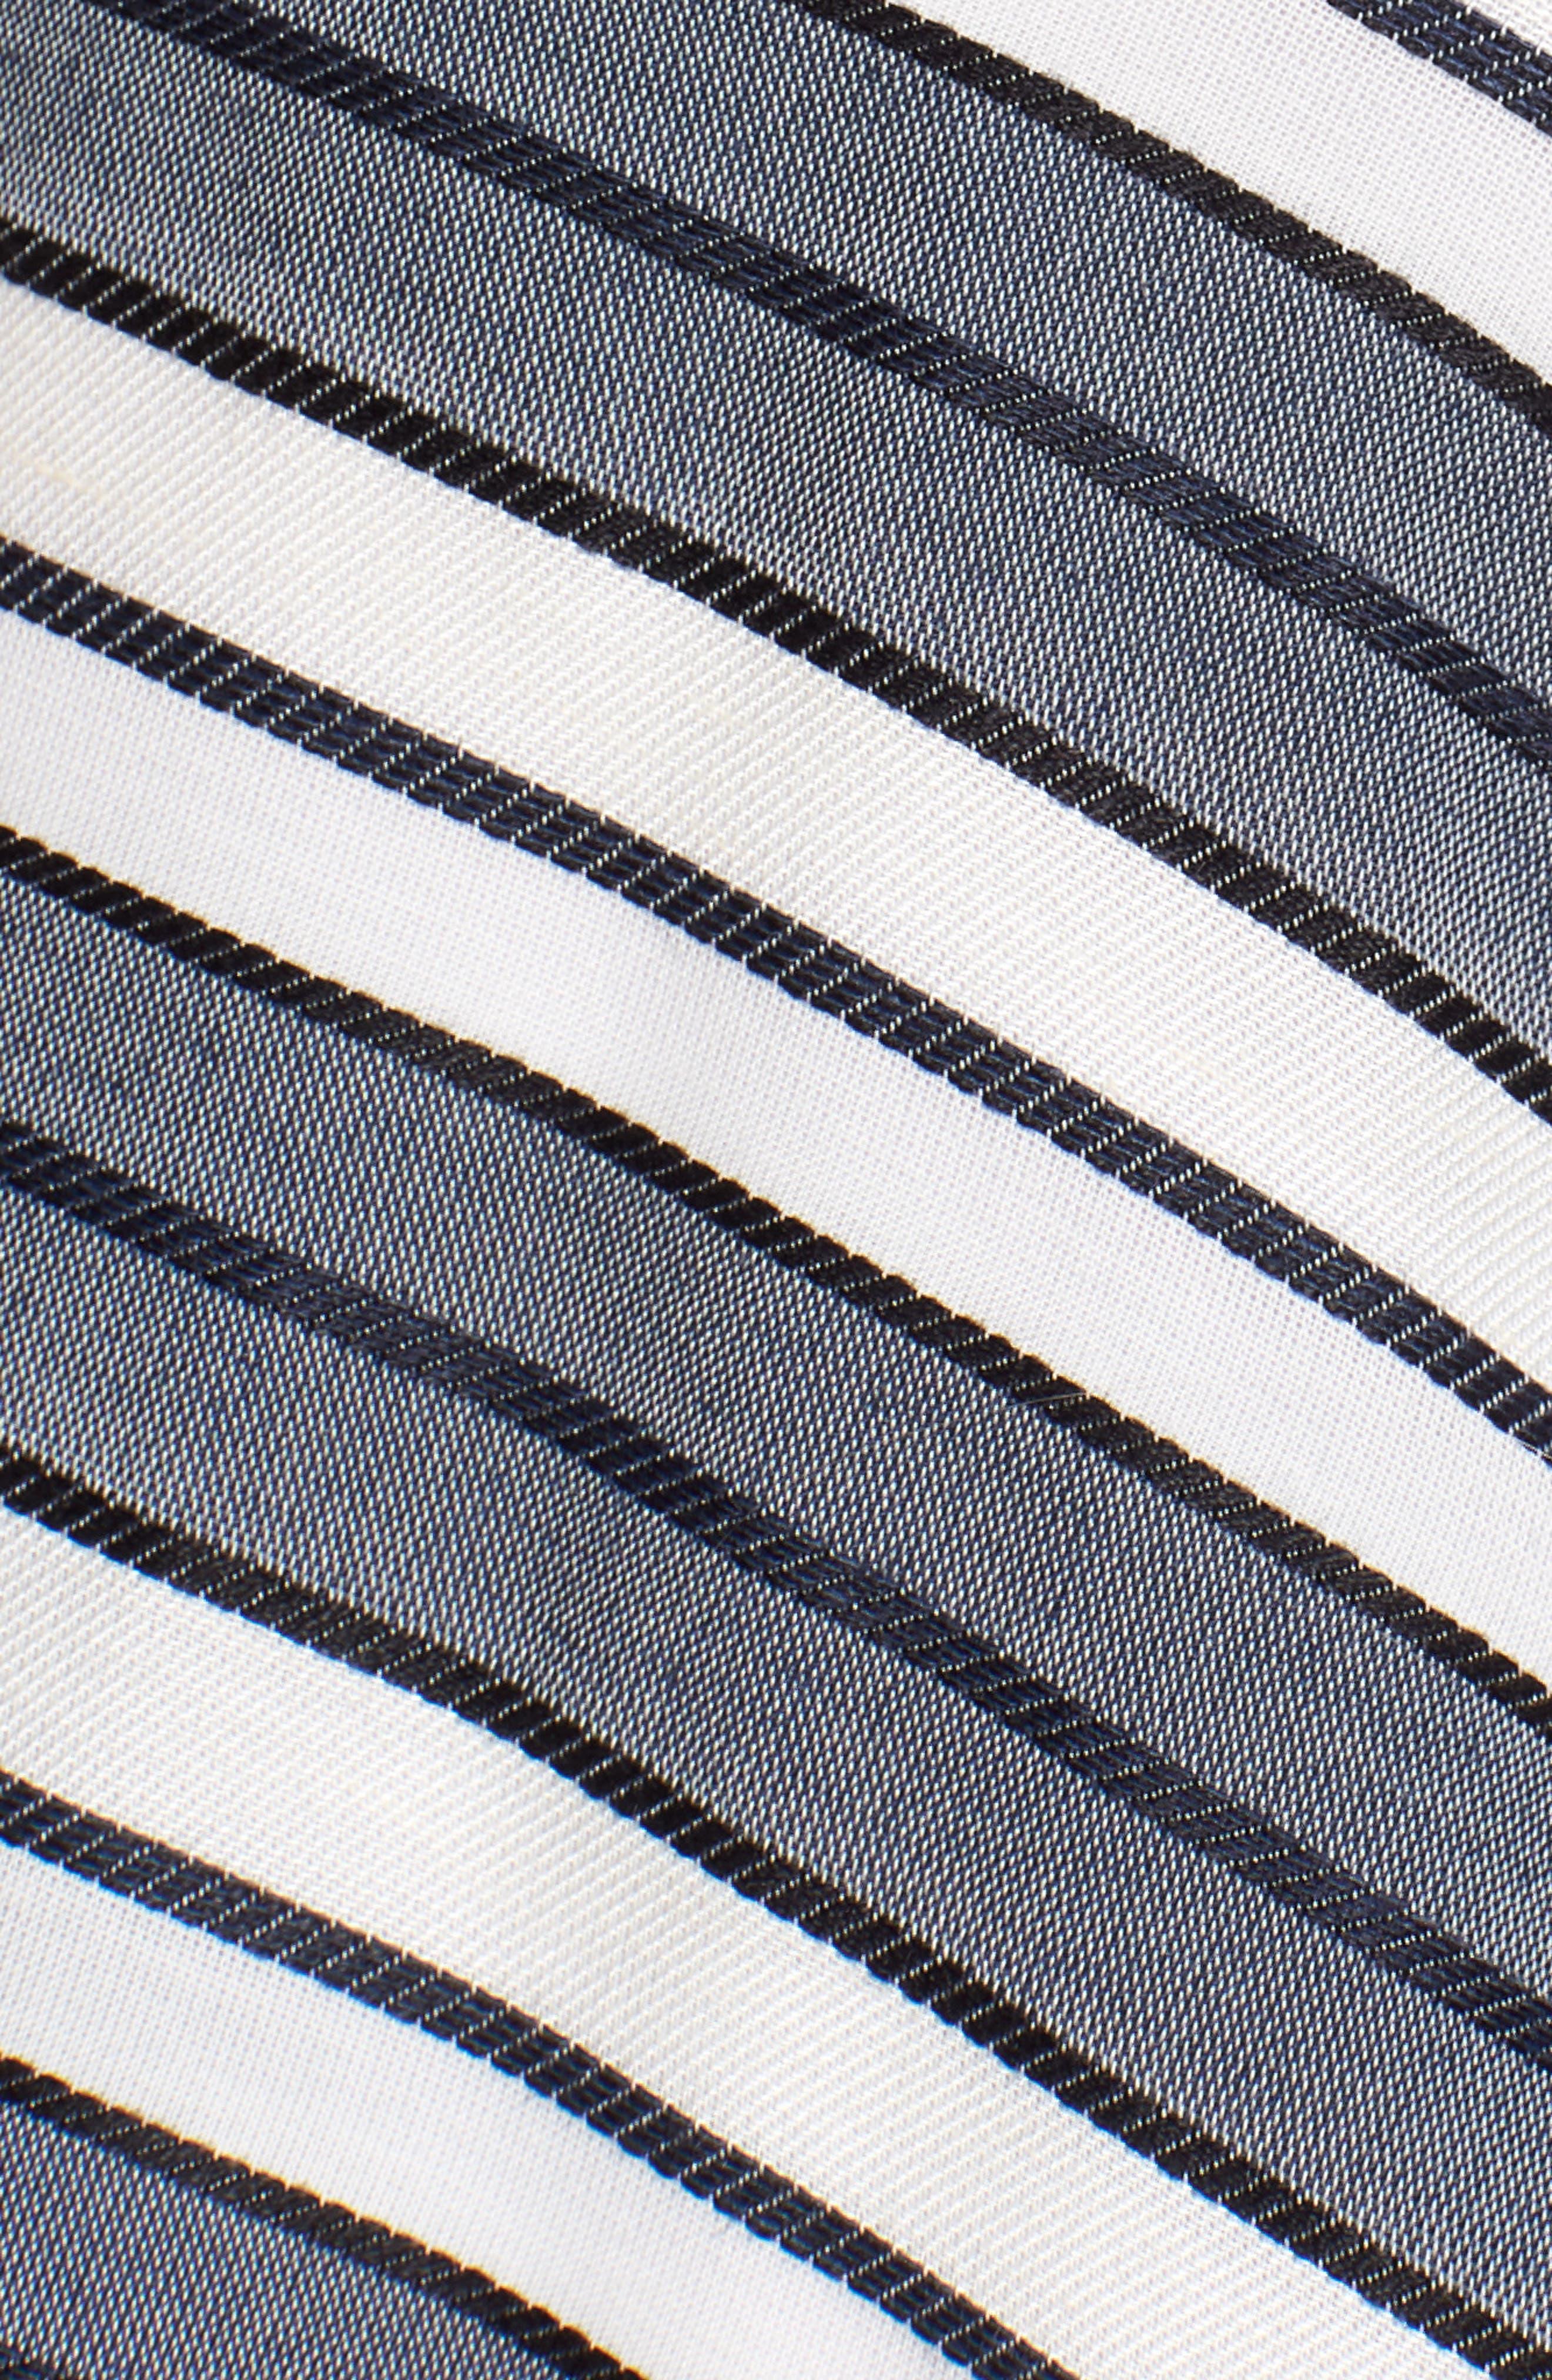 Stripe V-Neck Dress,                             Alternate thumbnail 6, color,